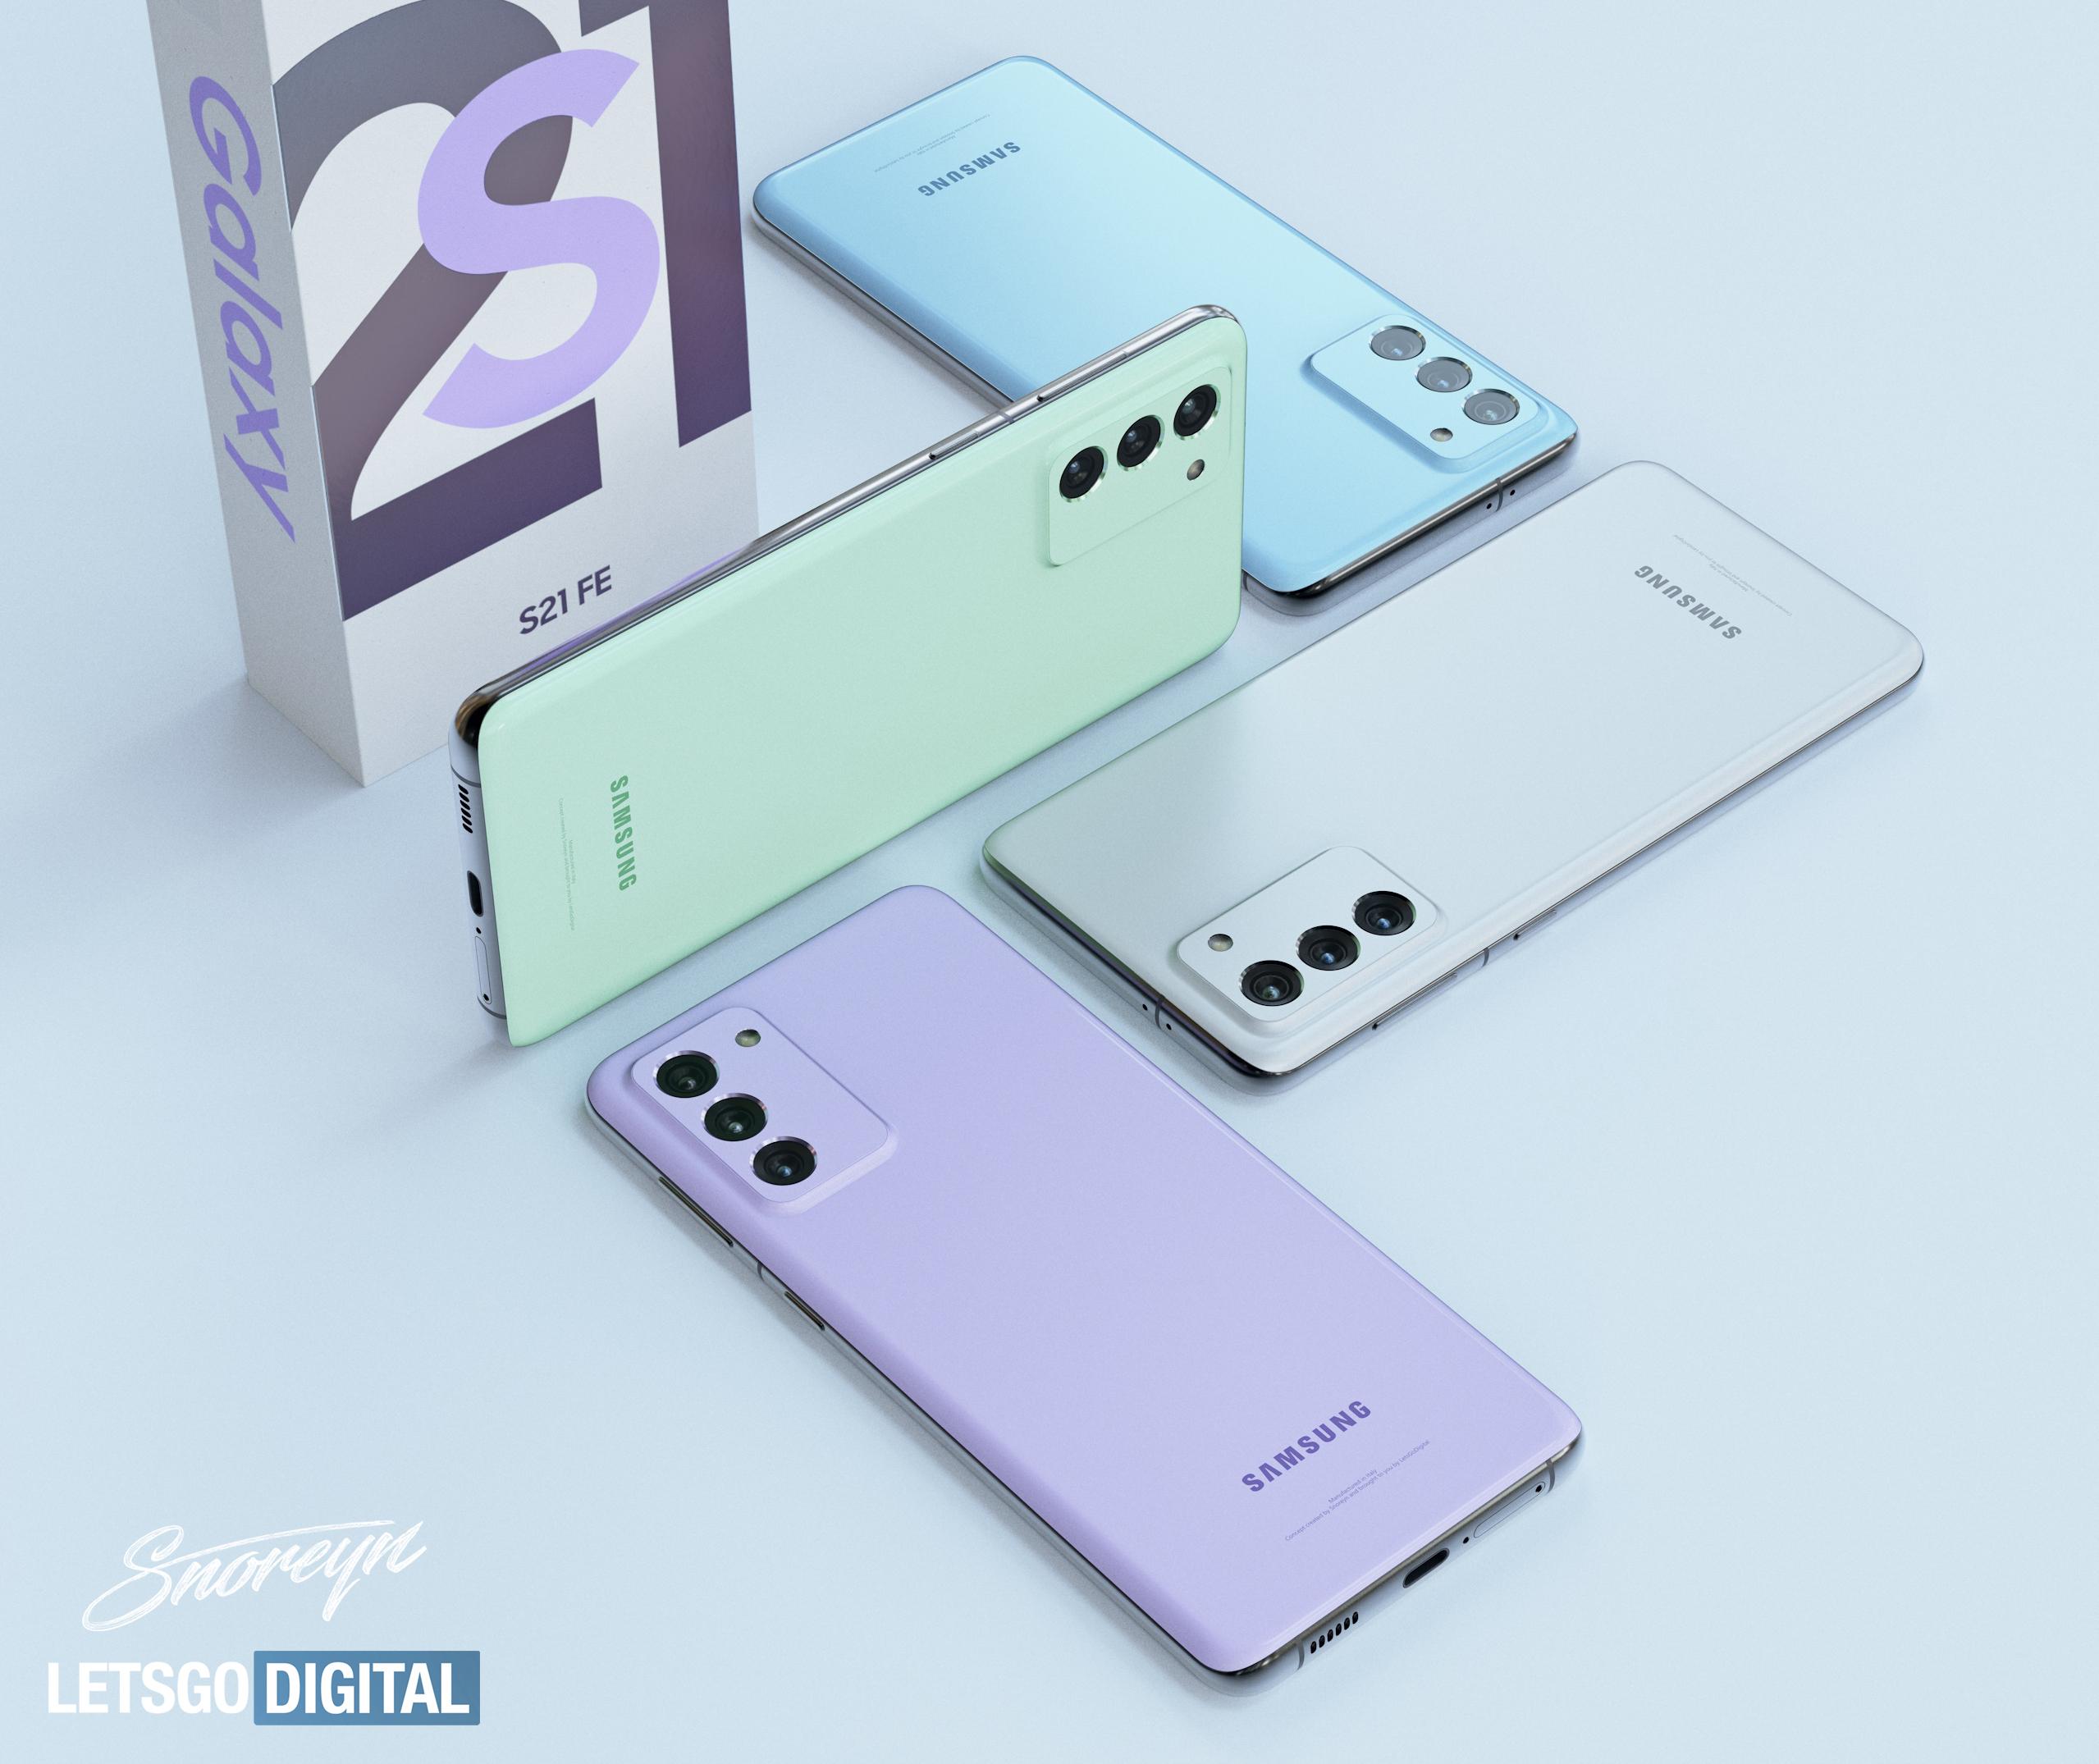 Samsung решила отменить доступный флагман Galaxy S21 FE незадолго до анонса